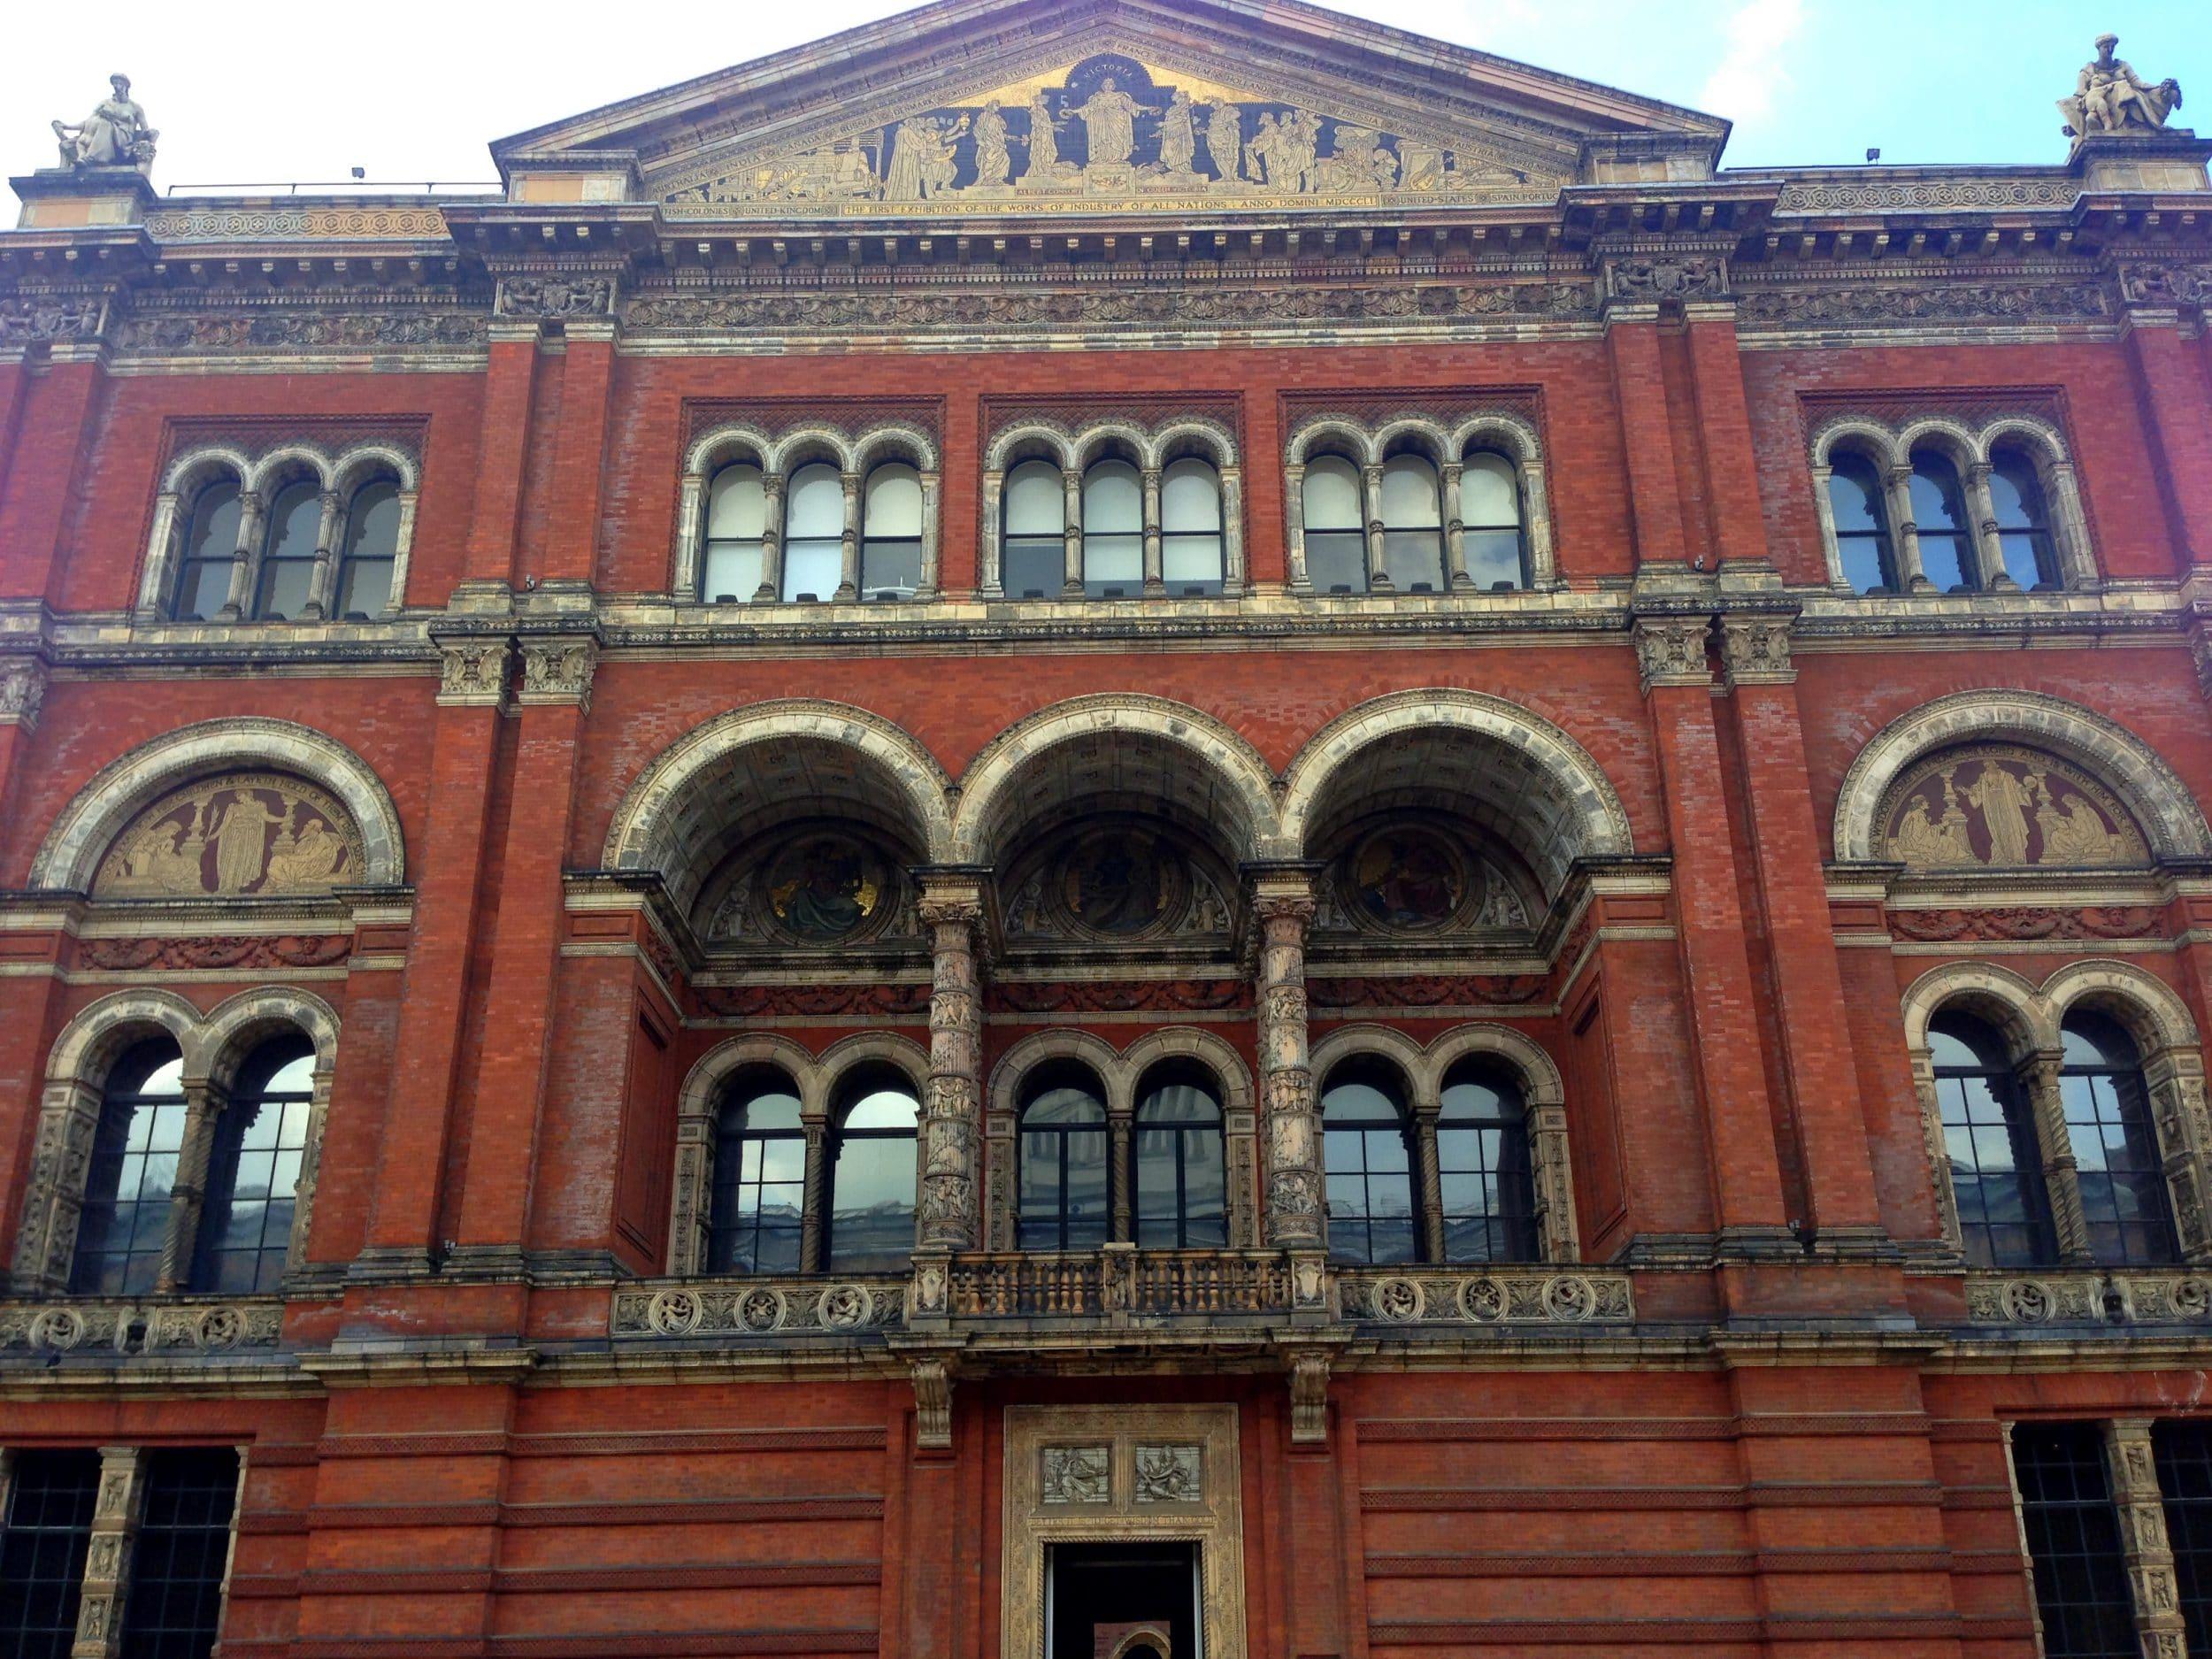 Victoria and albert museum london wayfaring with wagner for Victoria and albert museum london